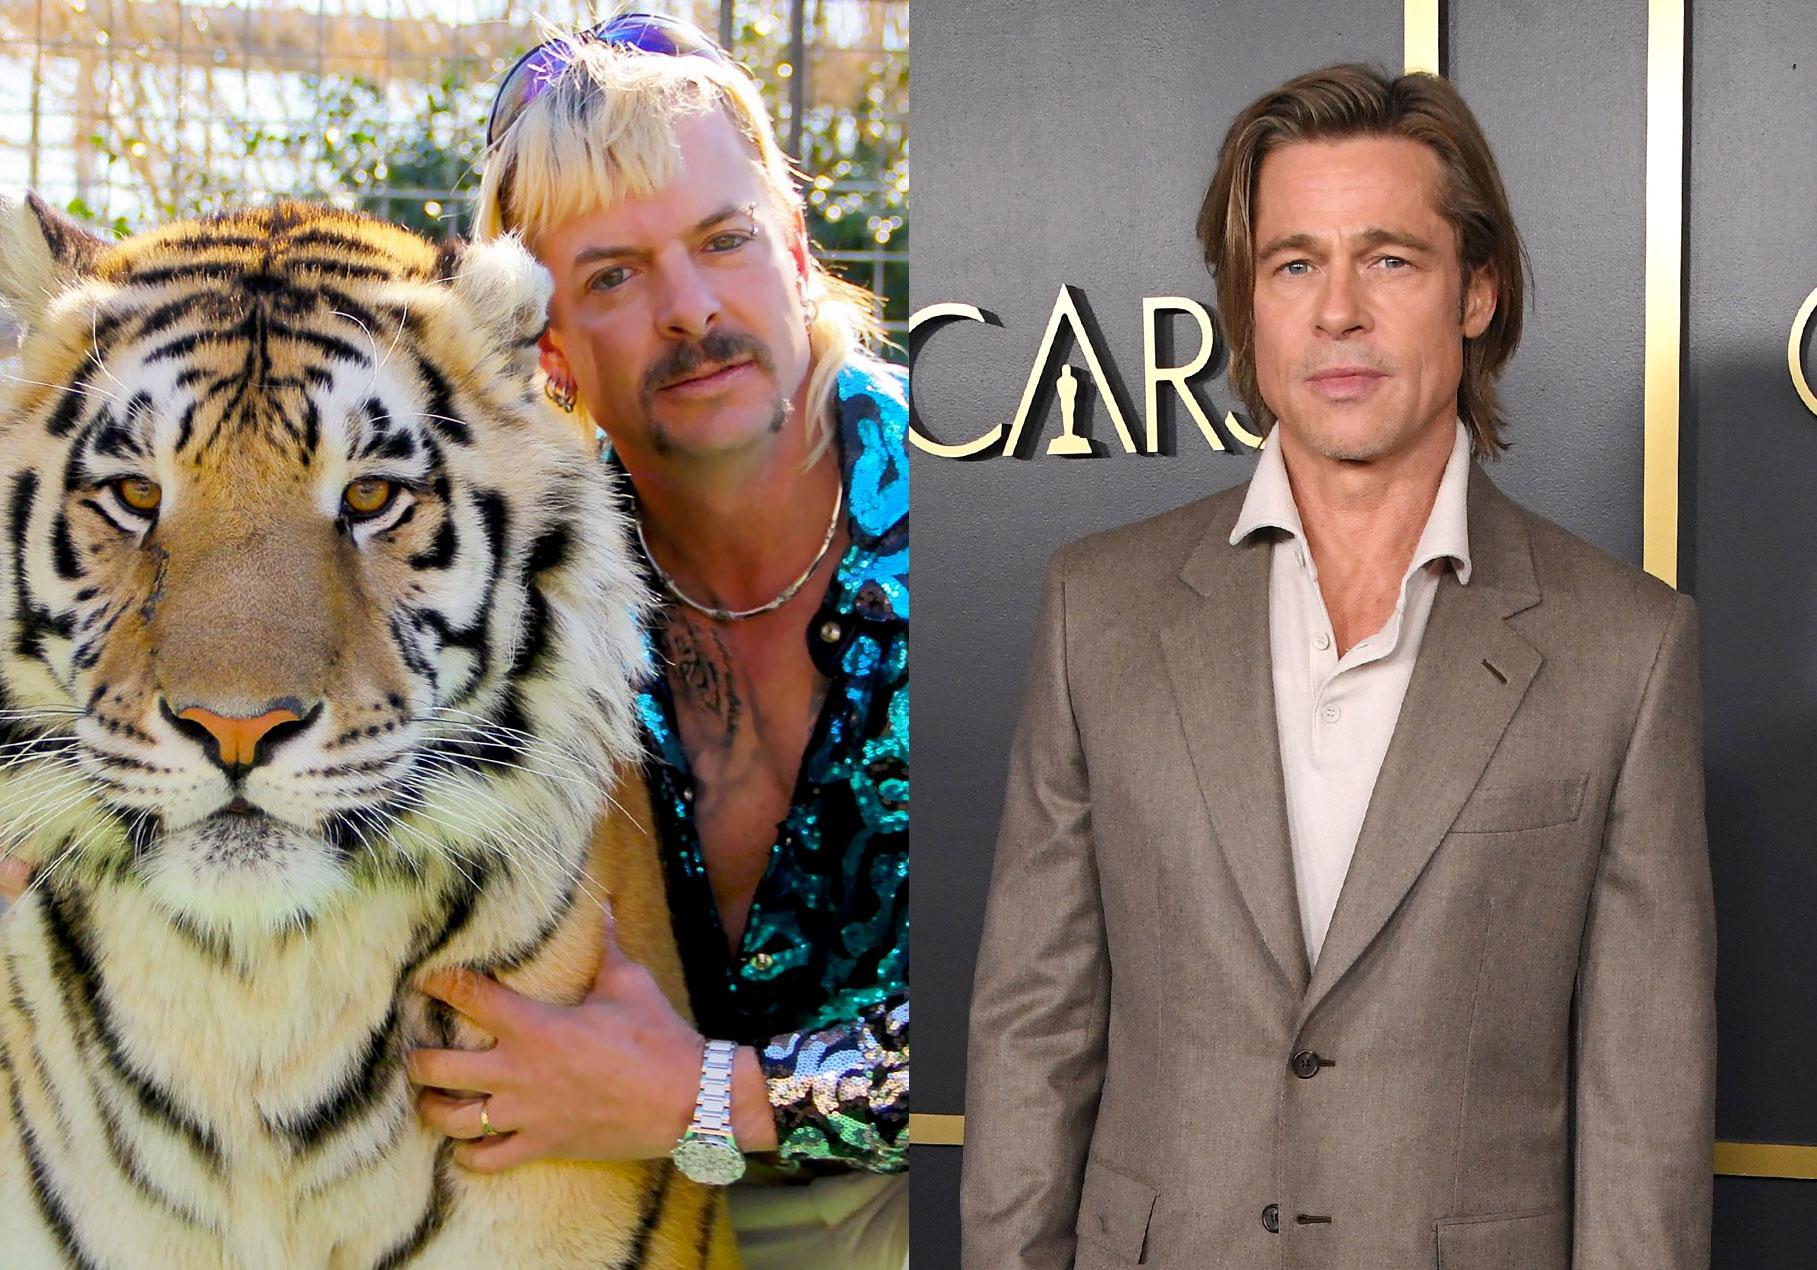 Ο Joe Exotic φέρεται να λέει ότι θέλει τον Brad Pitt ή τον David 'Joe Dirt' Spade για να τον παίξει στην ταινία για τη ζωή του